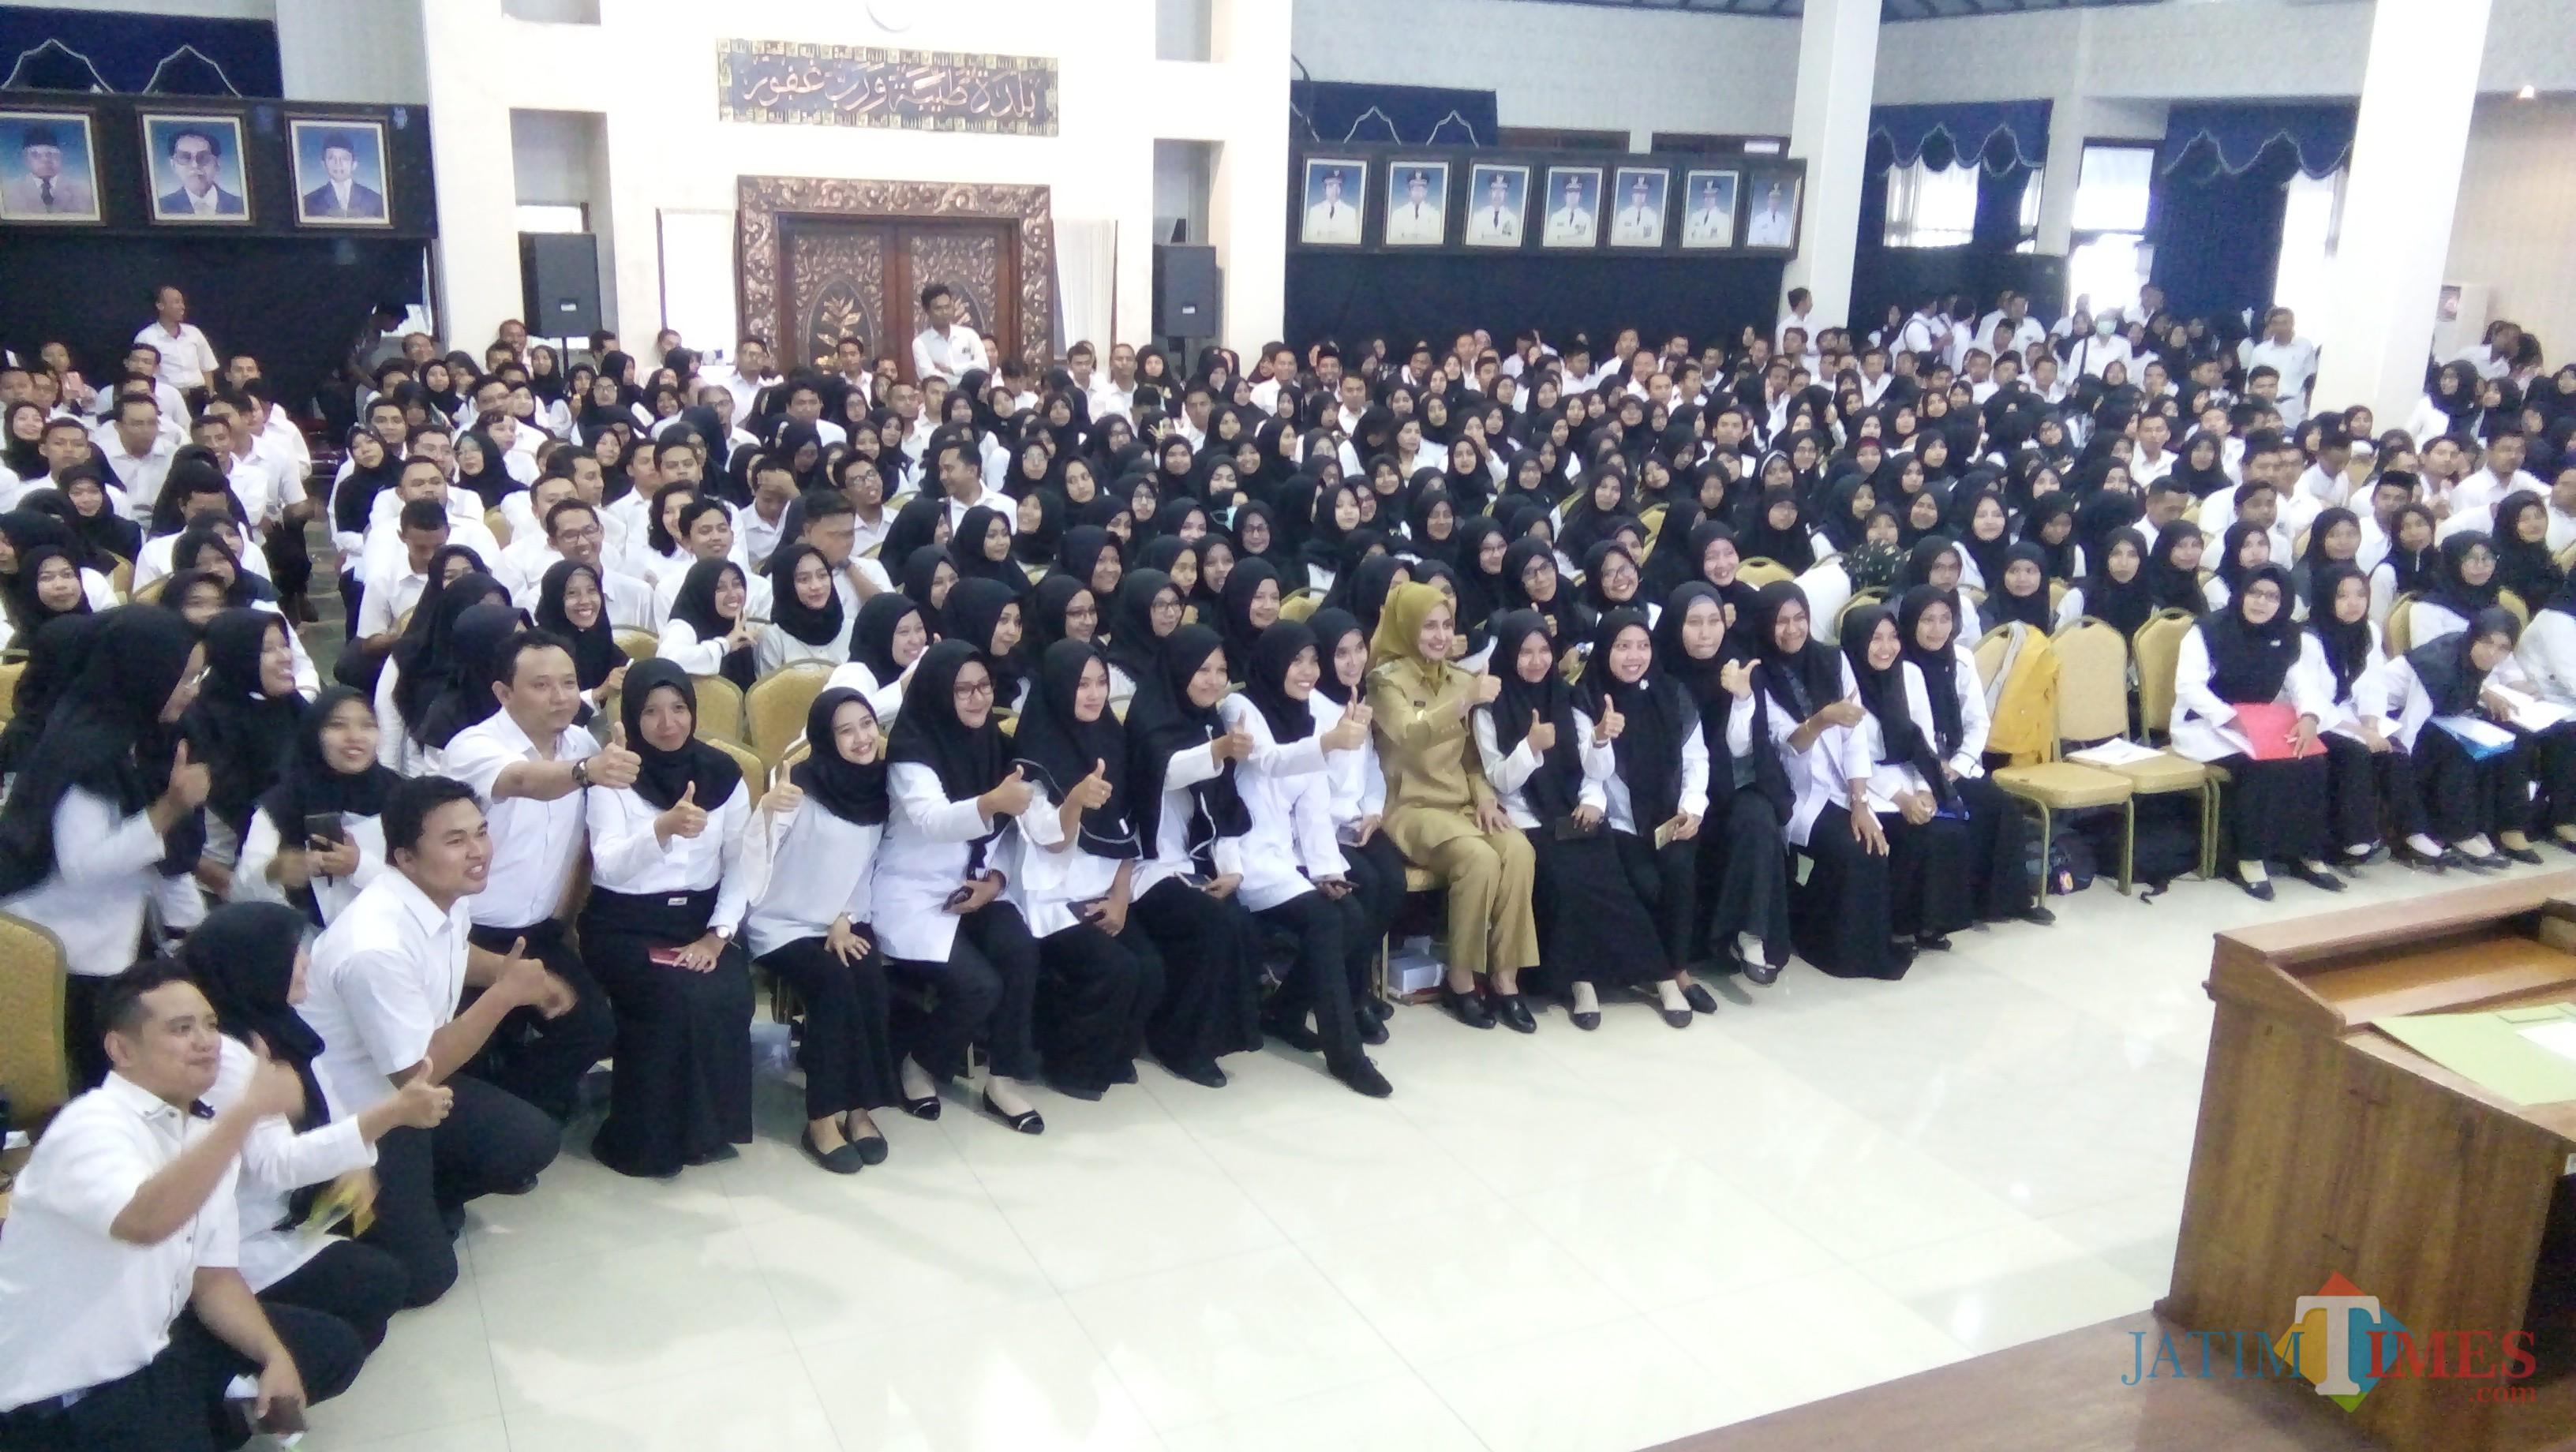 Bupati Jember dr. Hj. Faida MMR diantara ratusan CPNS saat foto bersama usai memberikan pengarahan (foto : Moh. Ali Makrus / Jatim TIMES)